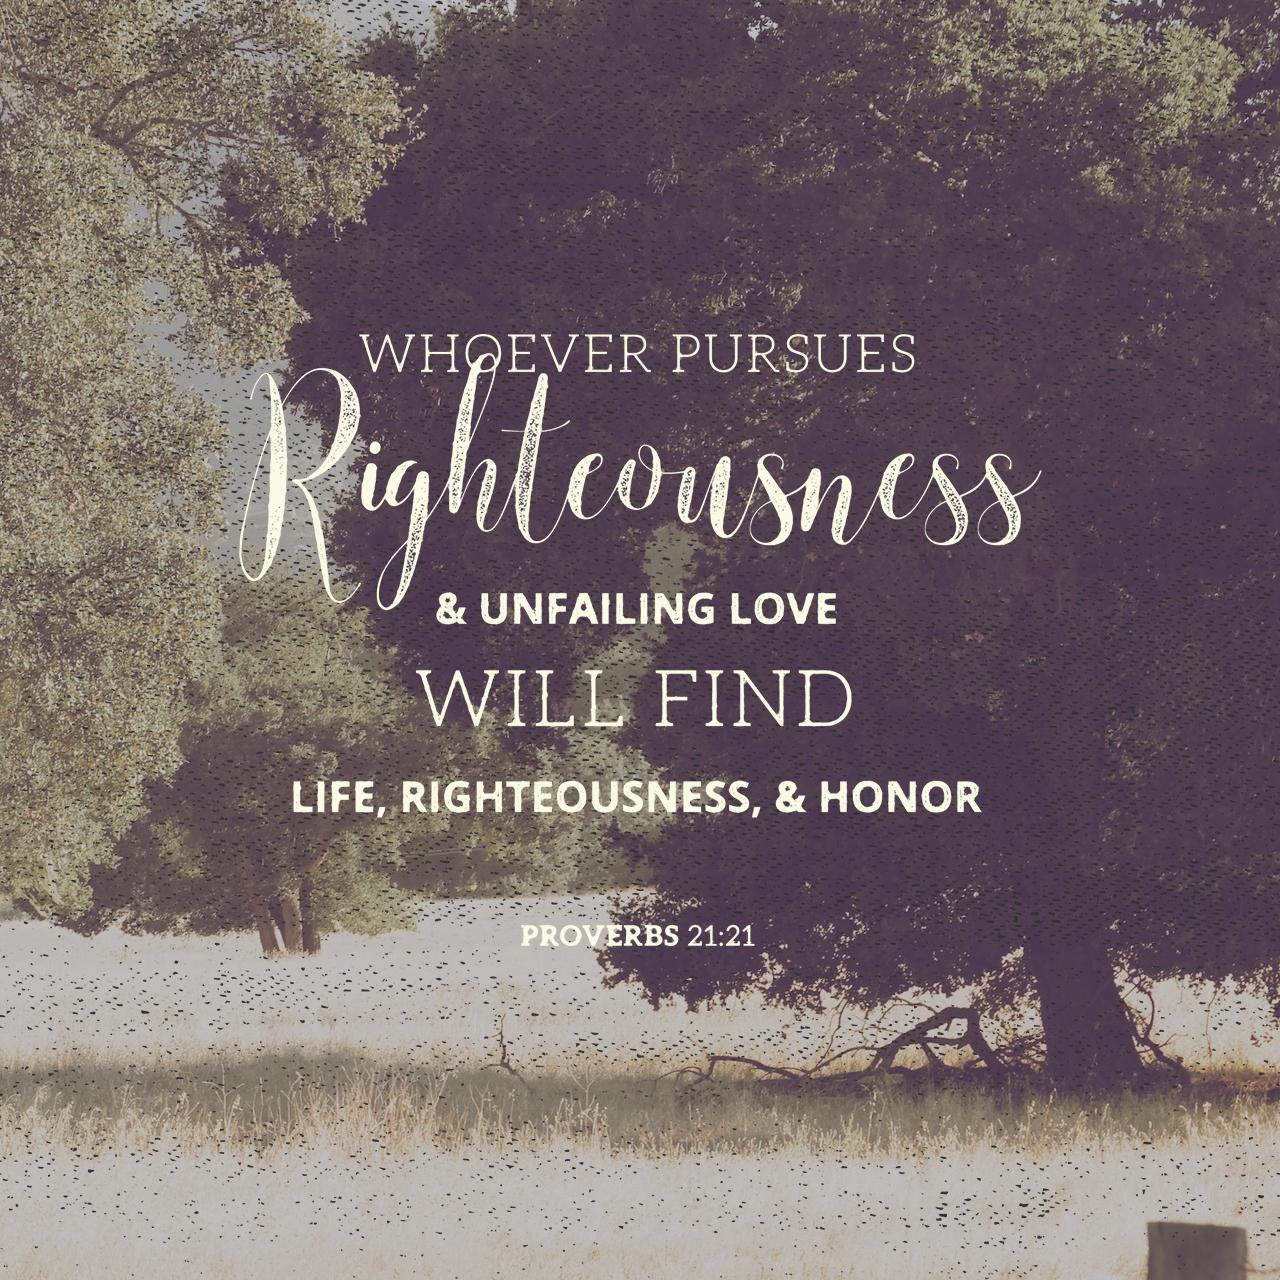 Proverbs 21:21